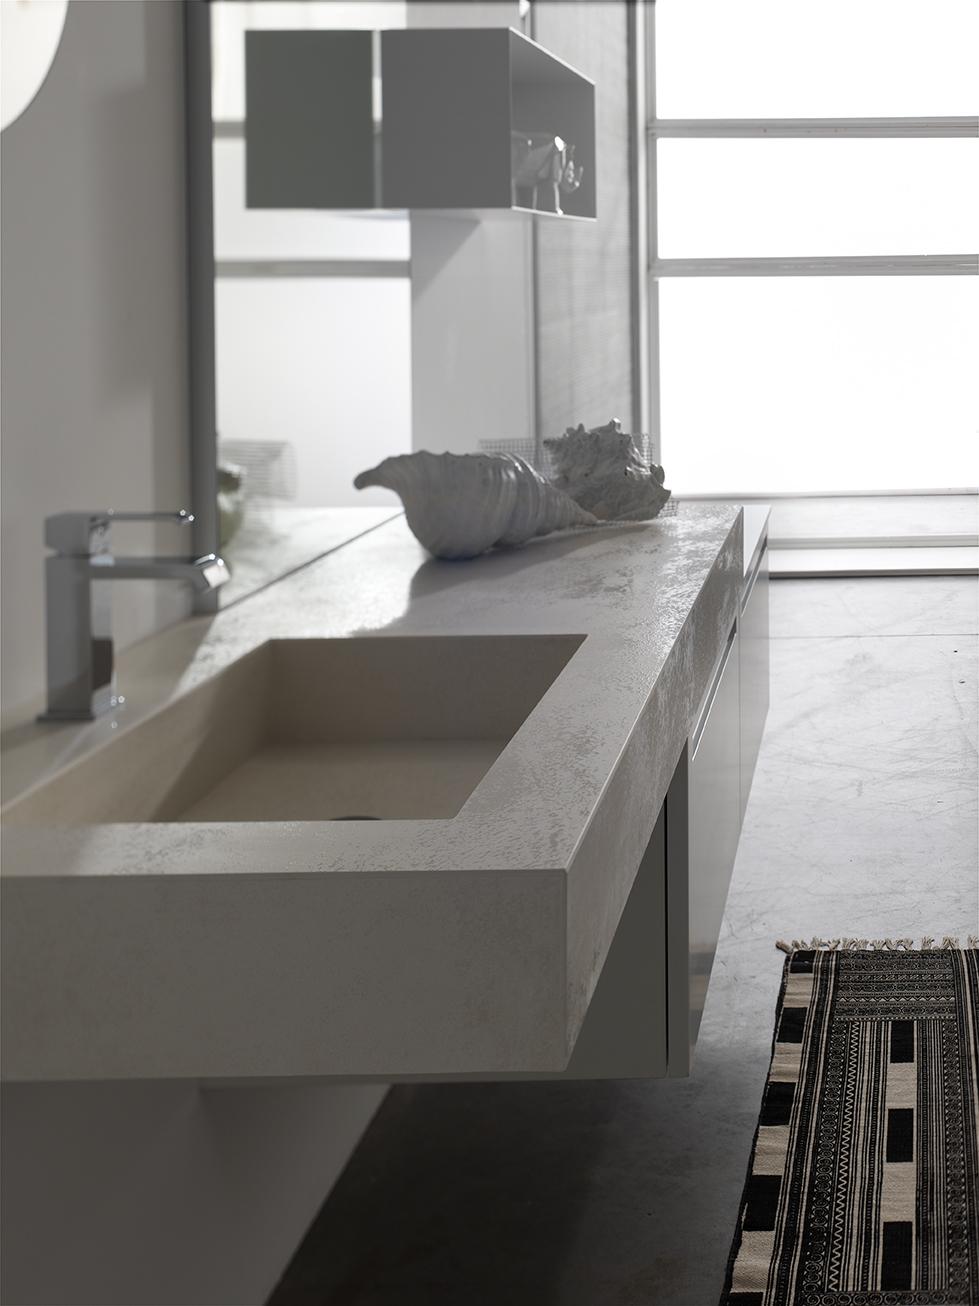 LAVABI IN LAMINAM - Il Laminam riveste i piani top e le vasche integrate, creando una superficie continua che ne facilita la pulizia.